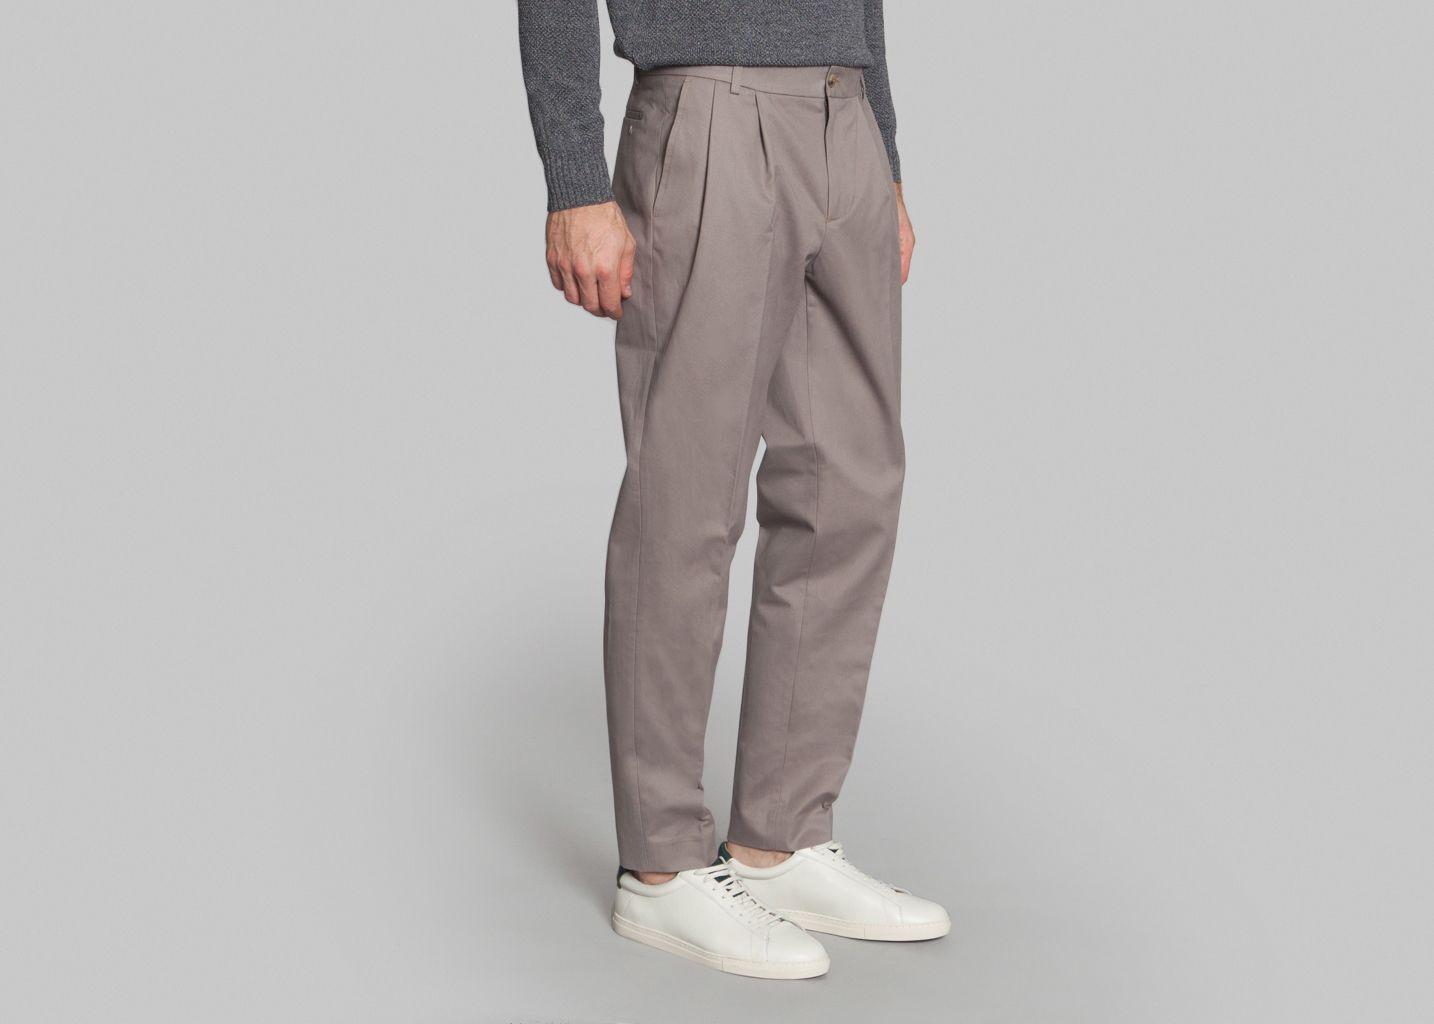 Pantalon Carotte - De Bonne Facture